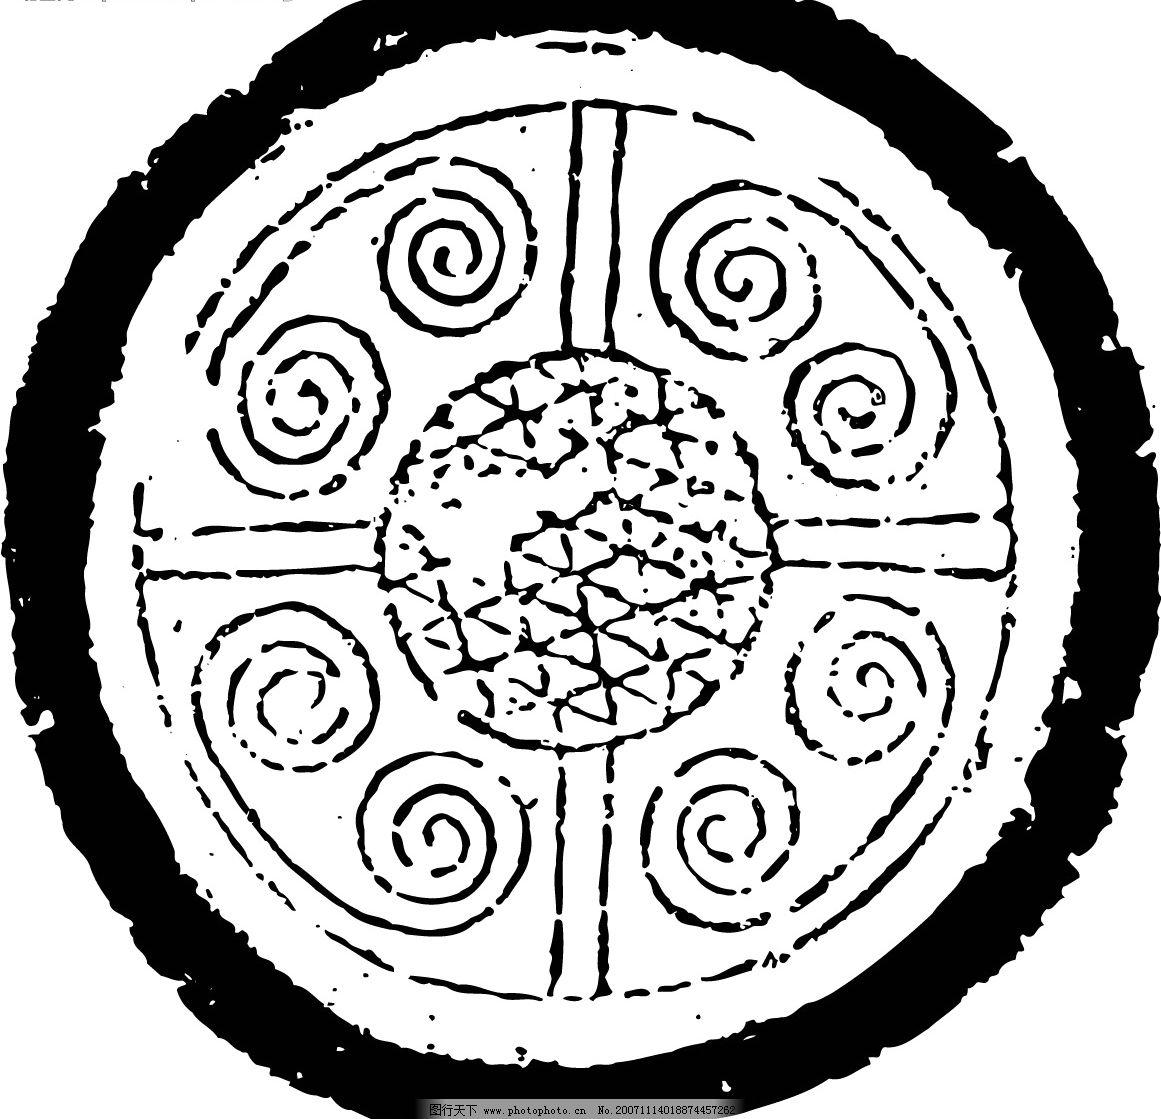 设计图库 文化艺术 传统文化    上传: 2007-11-14 大小: 101.